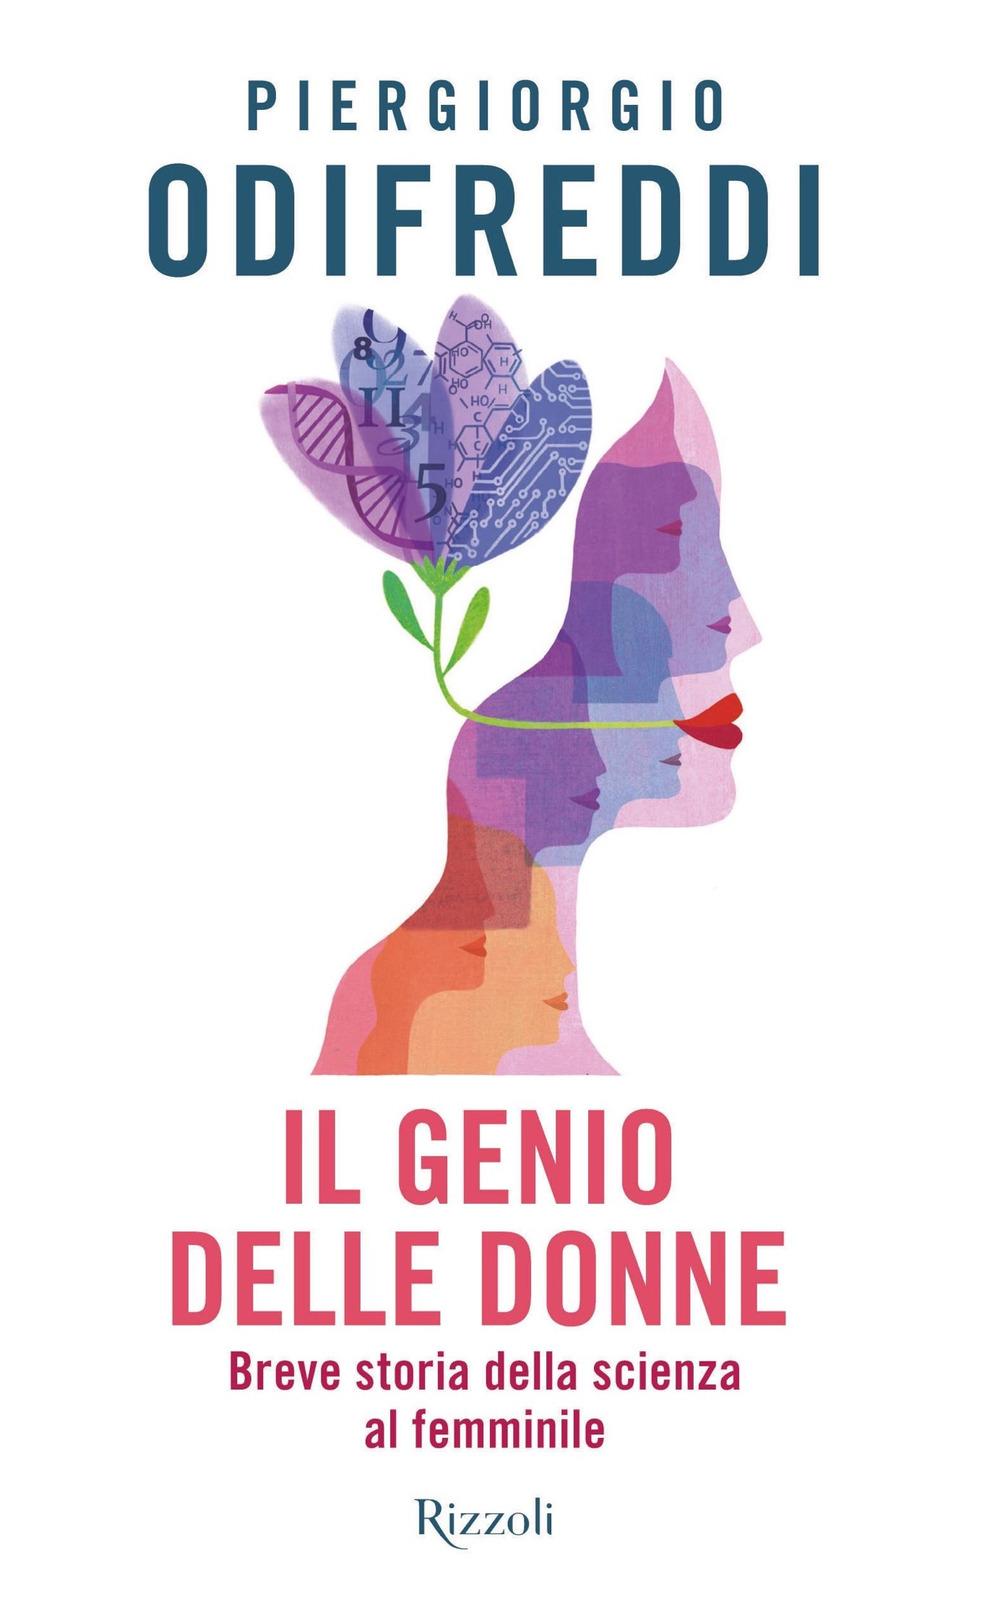 Il genio delle donne. Breve storia della scienza al femminile